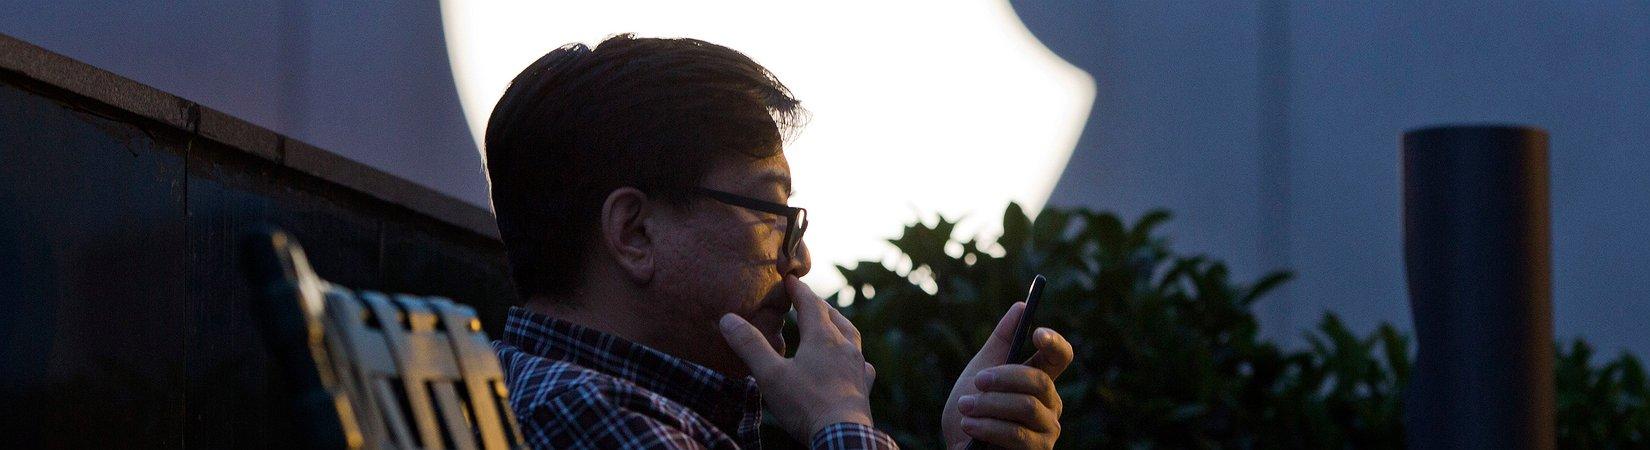 Apple ha demandado a Qualcomm: ¿qué significa esto para los inversores?